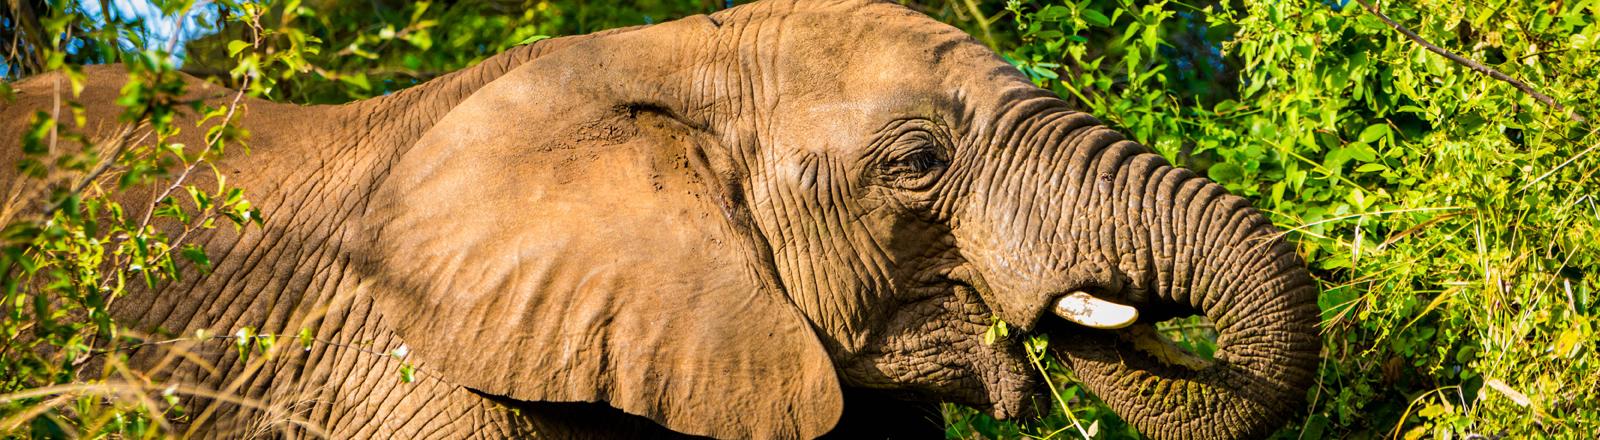 Ein afrikanischer Elefant frisst in Zululand, Südafrika an einem Busch